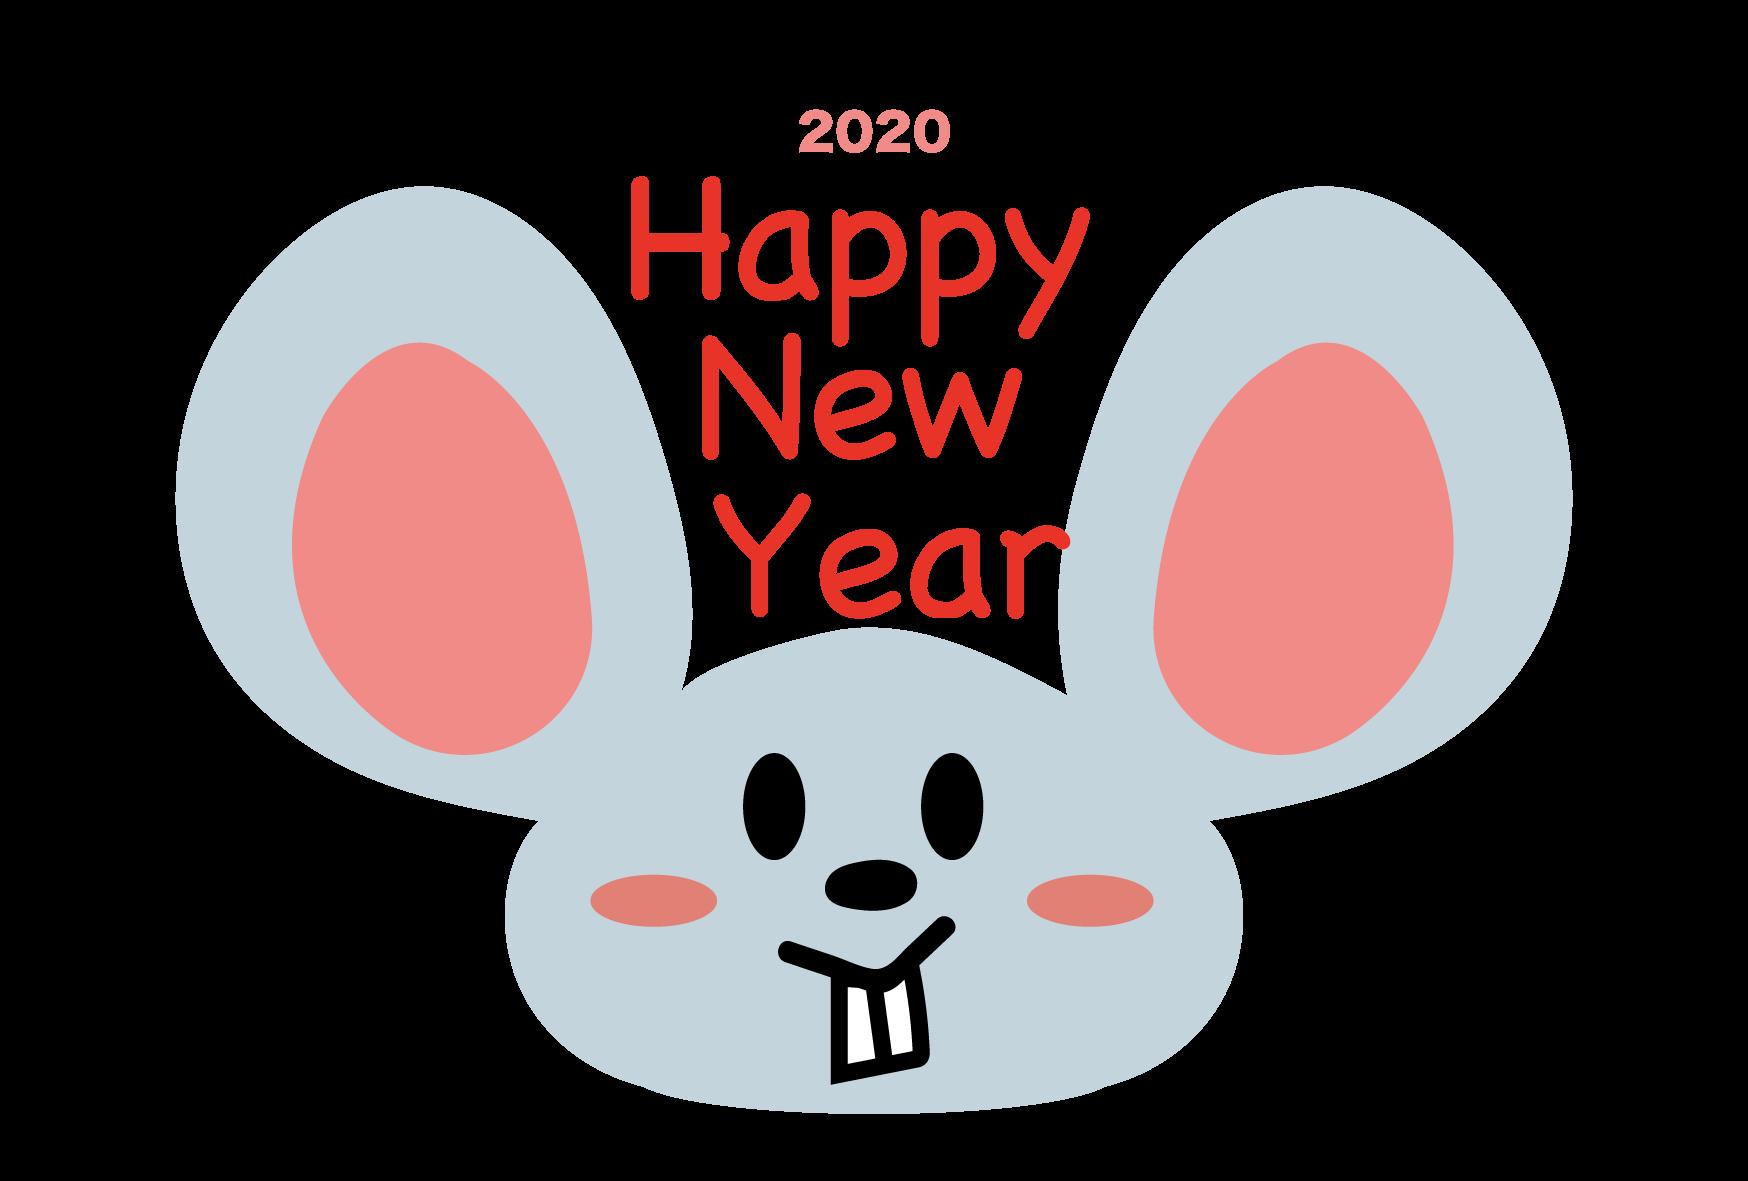 年賀状 2020 HAPPY NEW YEAR テンプレートおしゃれイラスト!無料素材 ねずみの顔UP